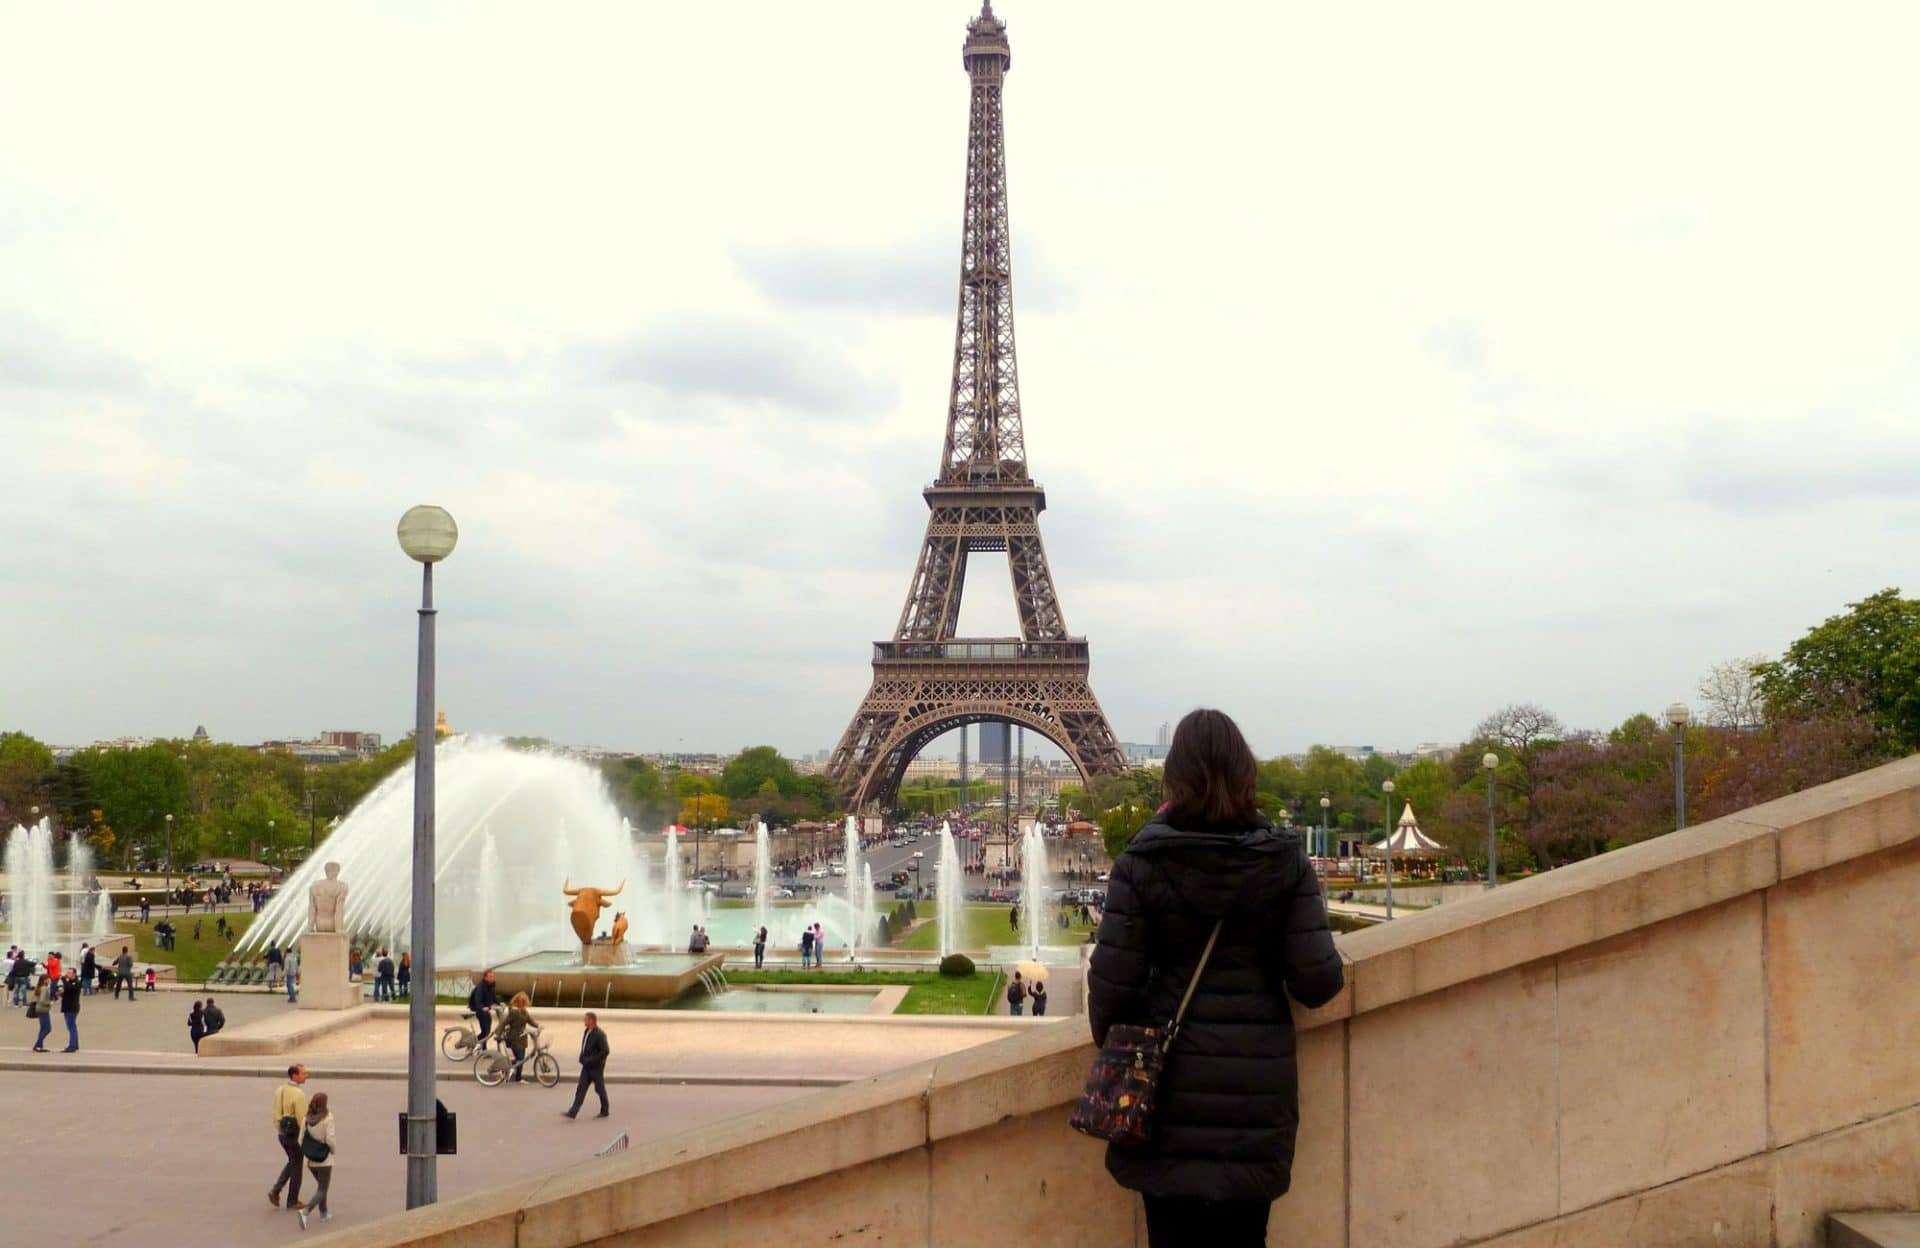 Cosa vedere a Parigi in 3 giorni: itinerario a piedi e in metro